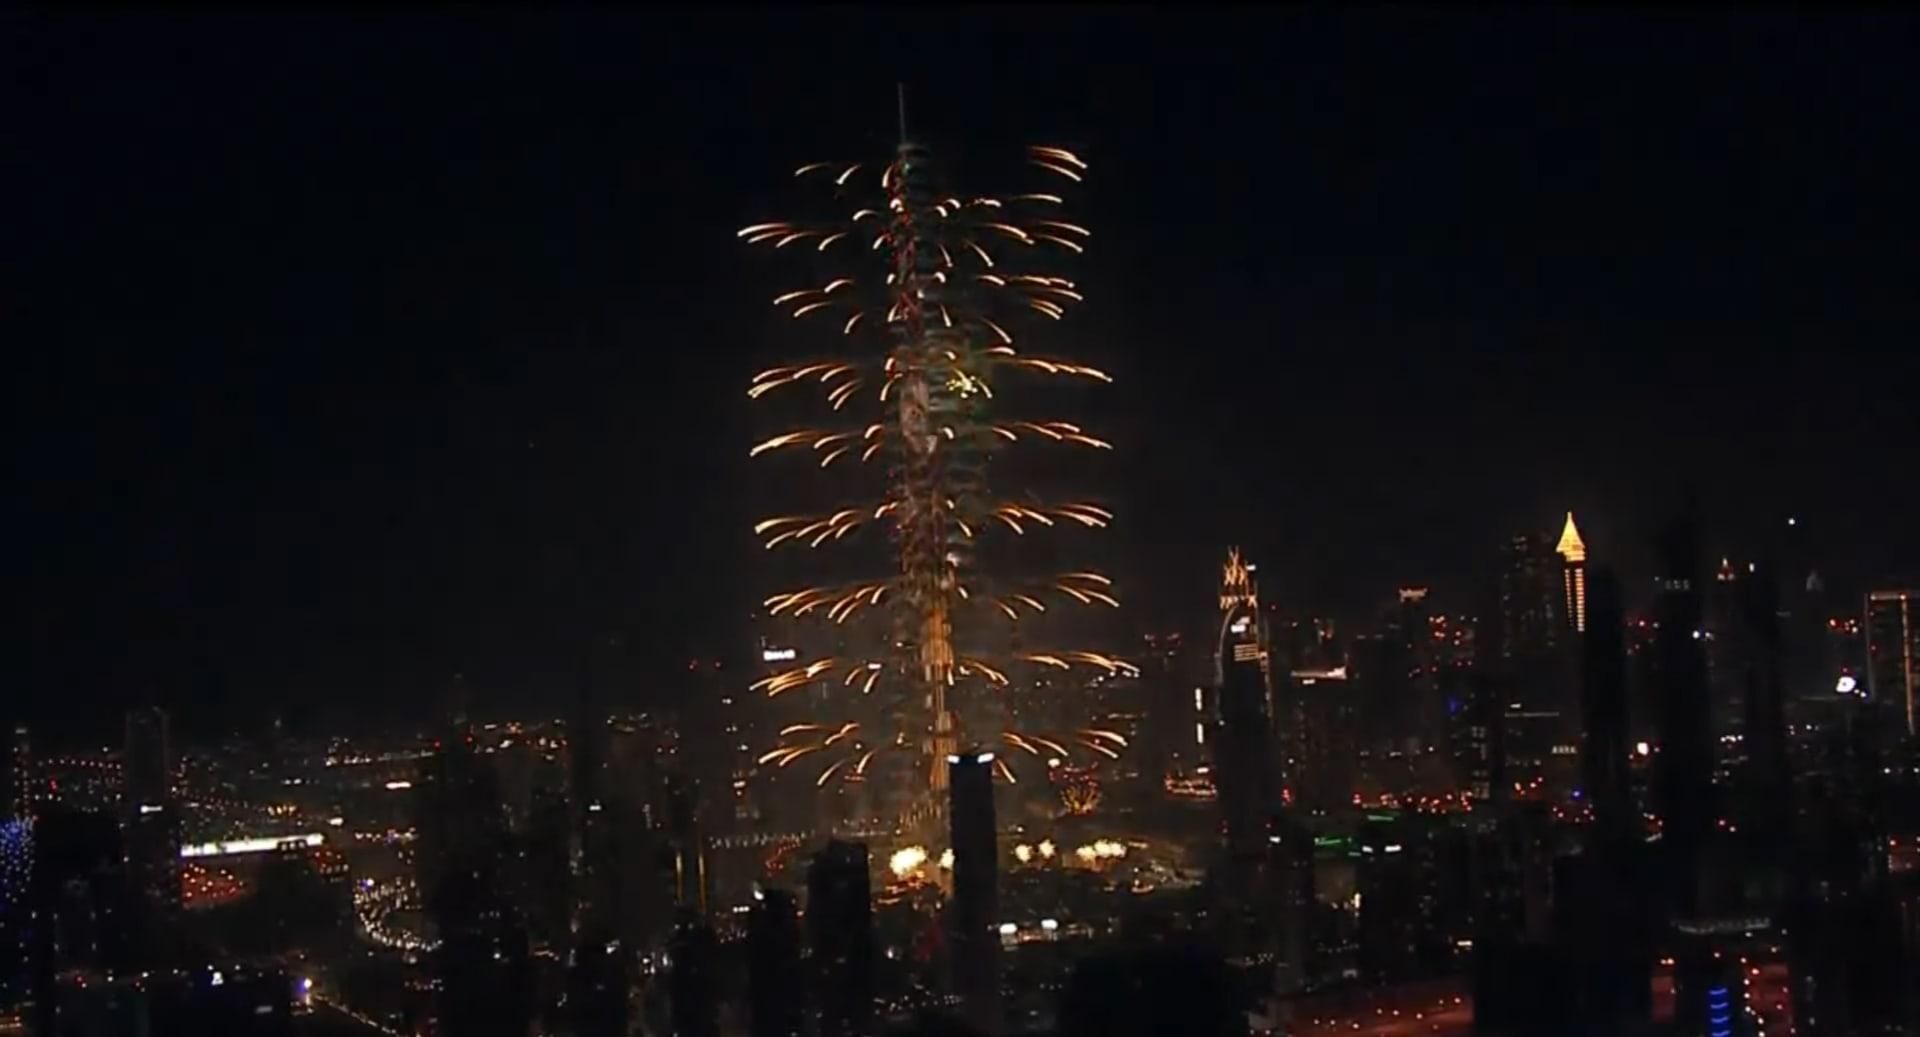 شاهد الألعاب النارية في دبي احتفالاً بـ2017 بتقنية الفاصل الزمني